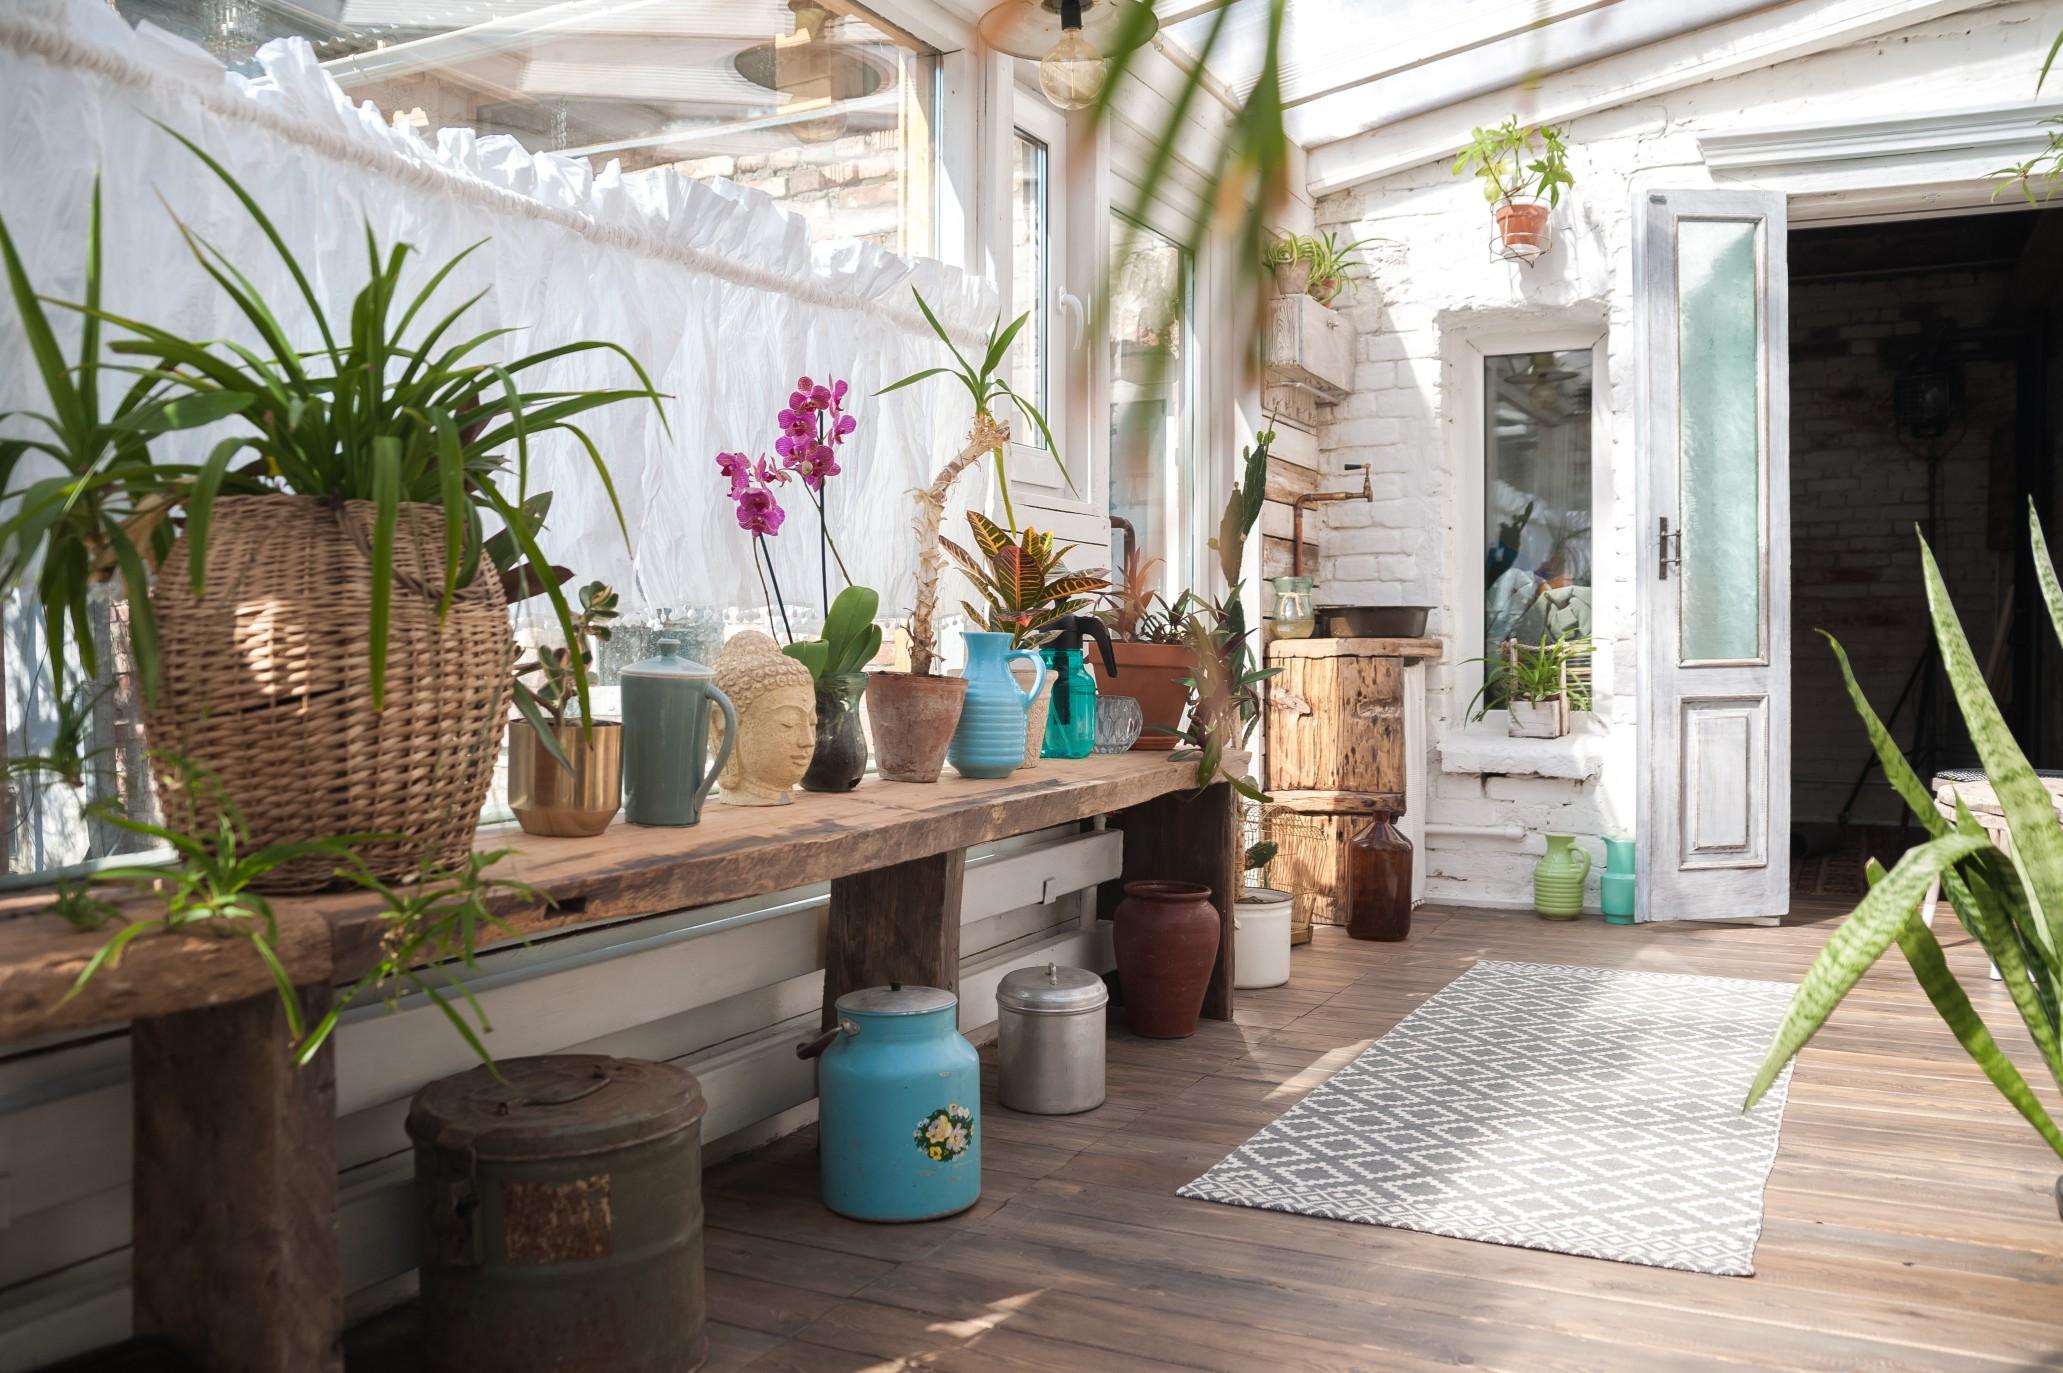 Ein Wintergarten kann mehr als 20.000 Euro kosten. Foto: senkonelly via Twenty20